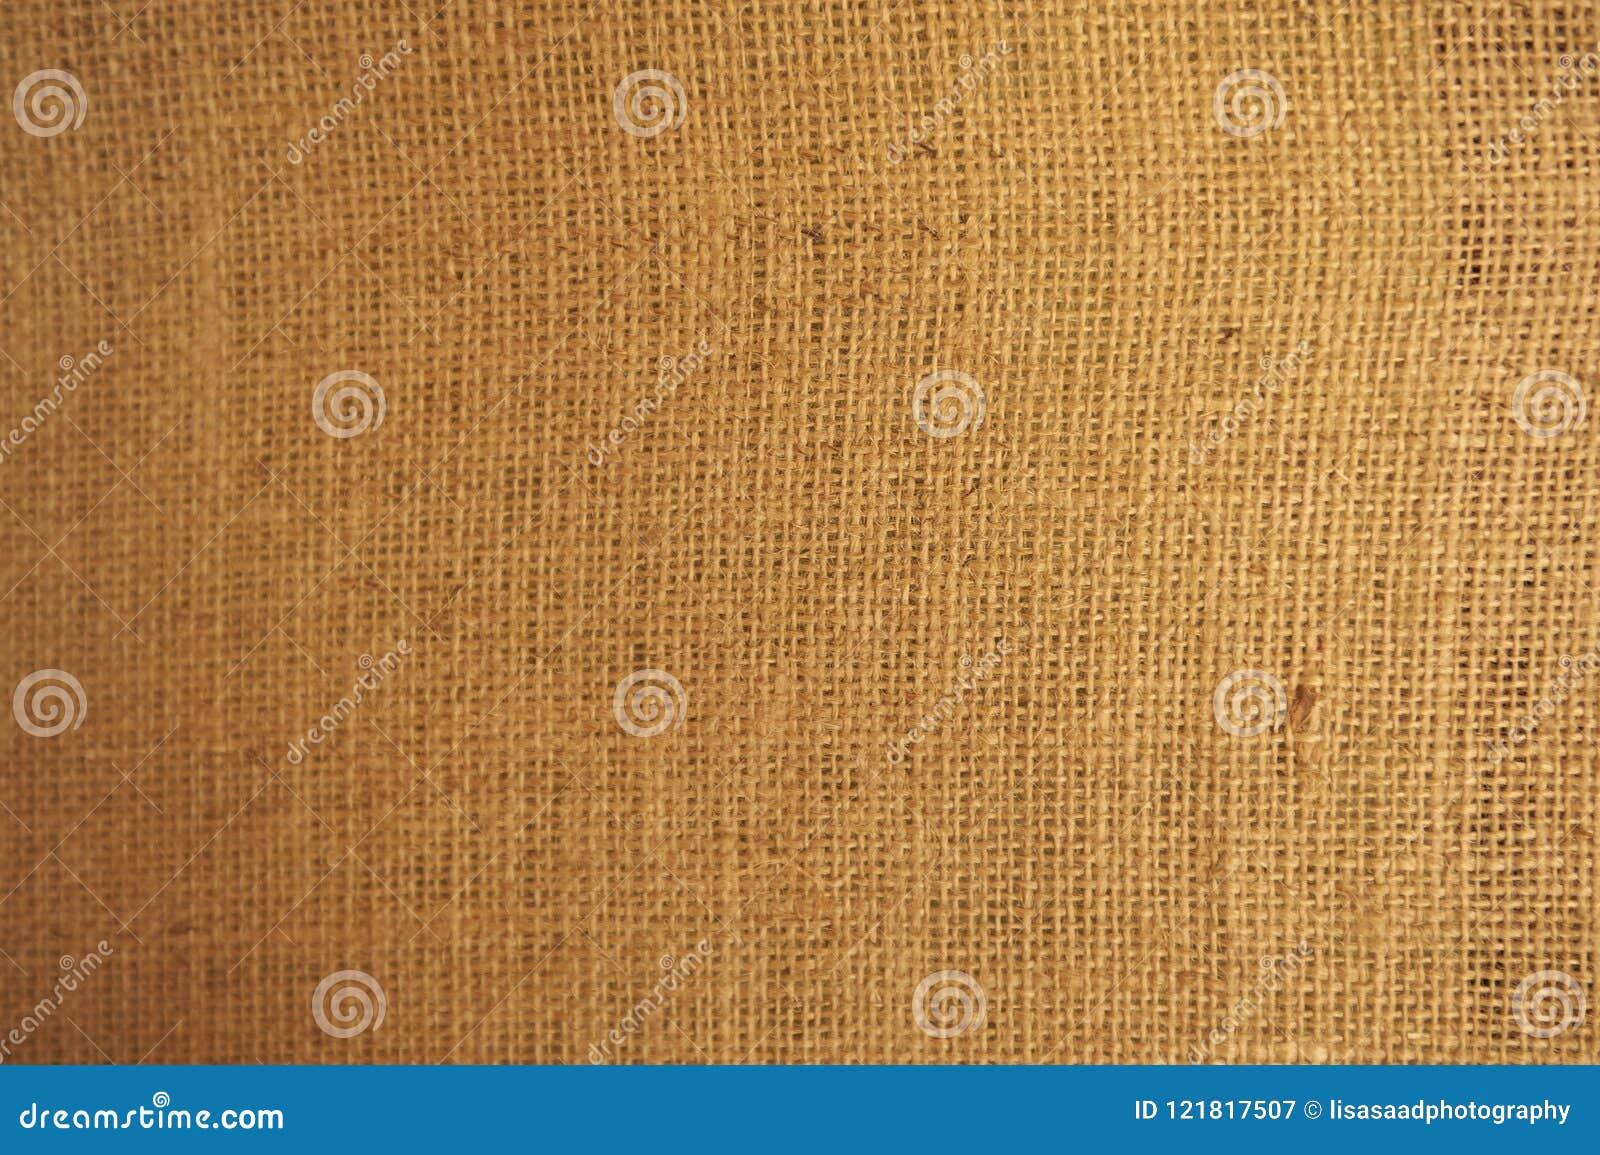 Pareti In Tela : Stampa su tela decorazione da parete bellissimo design con